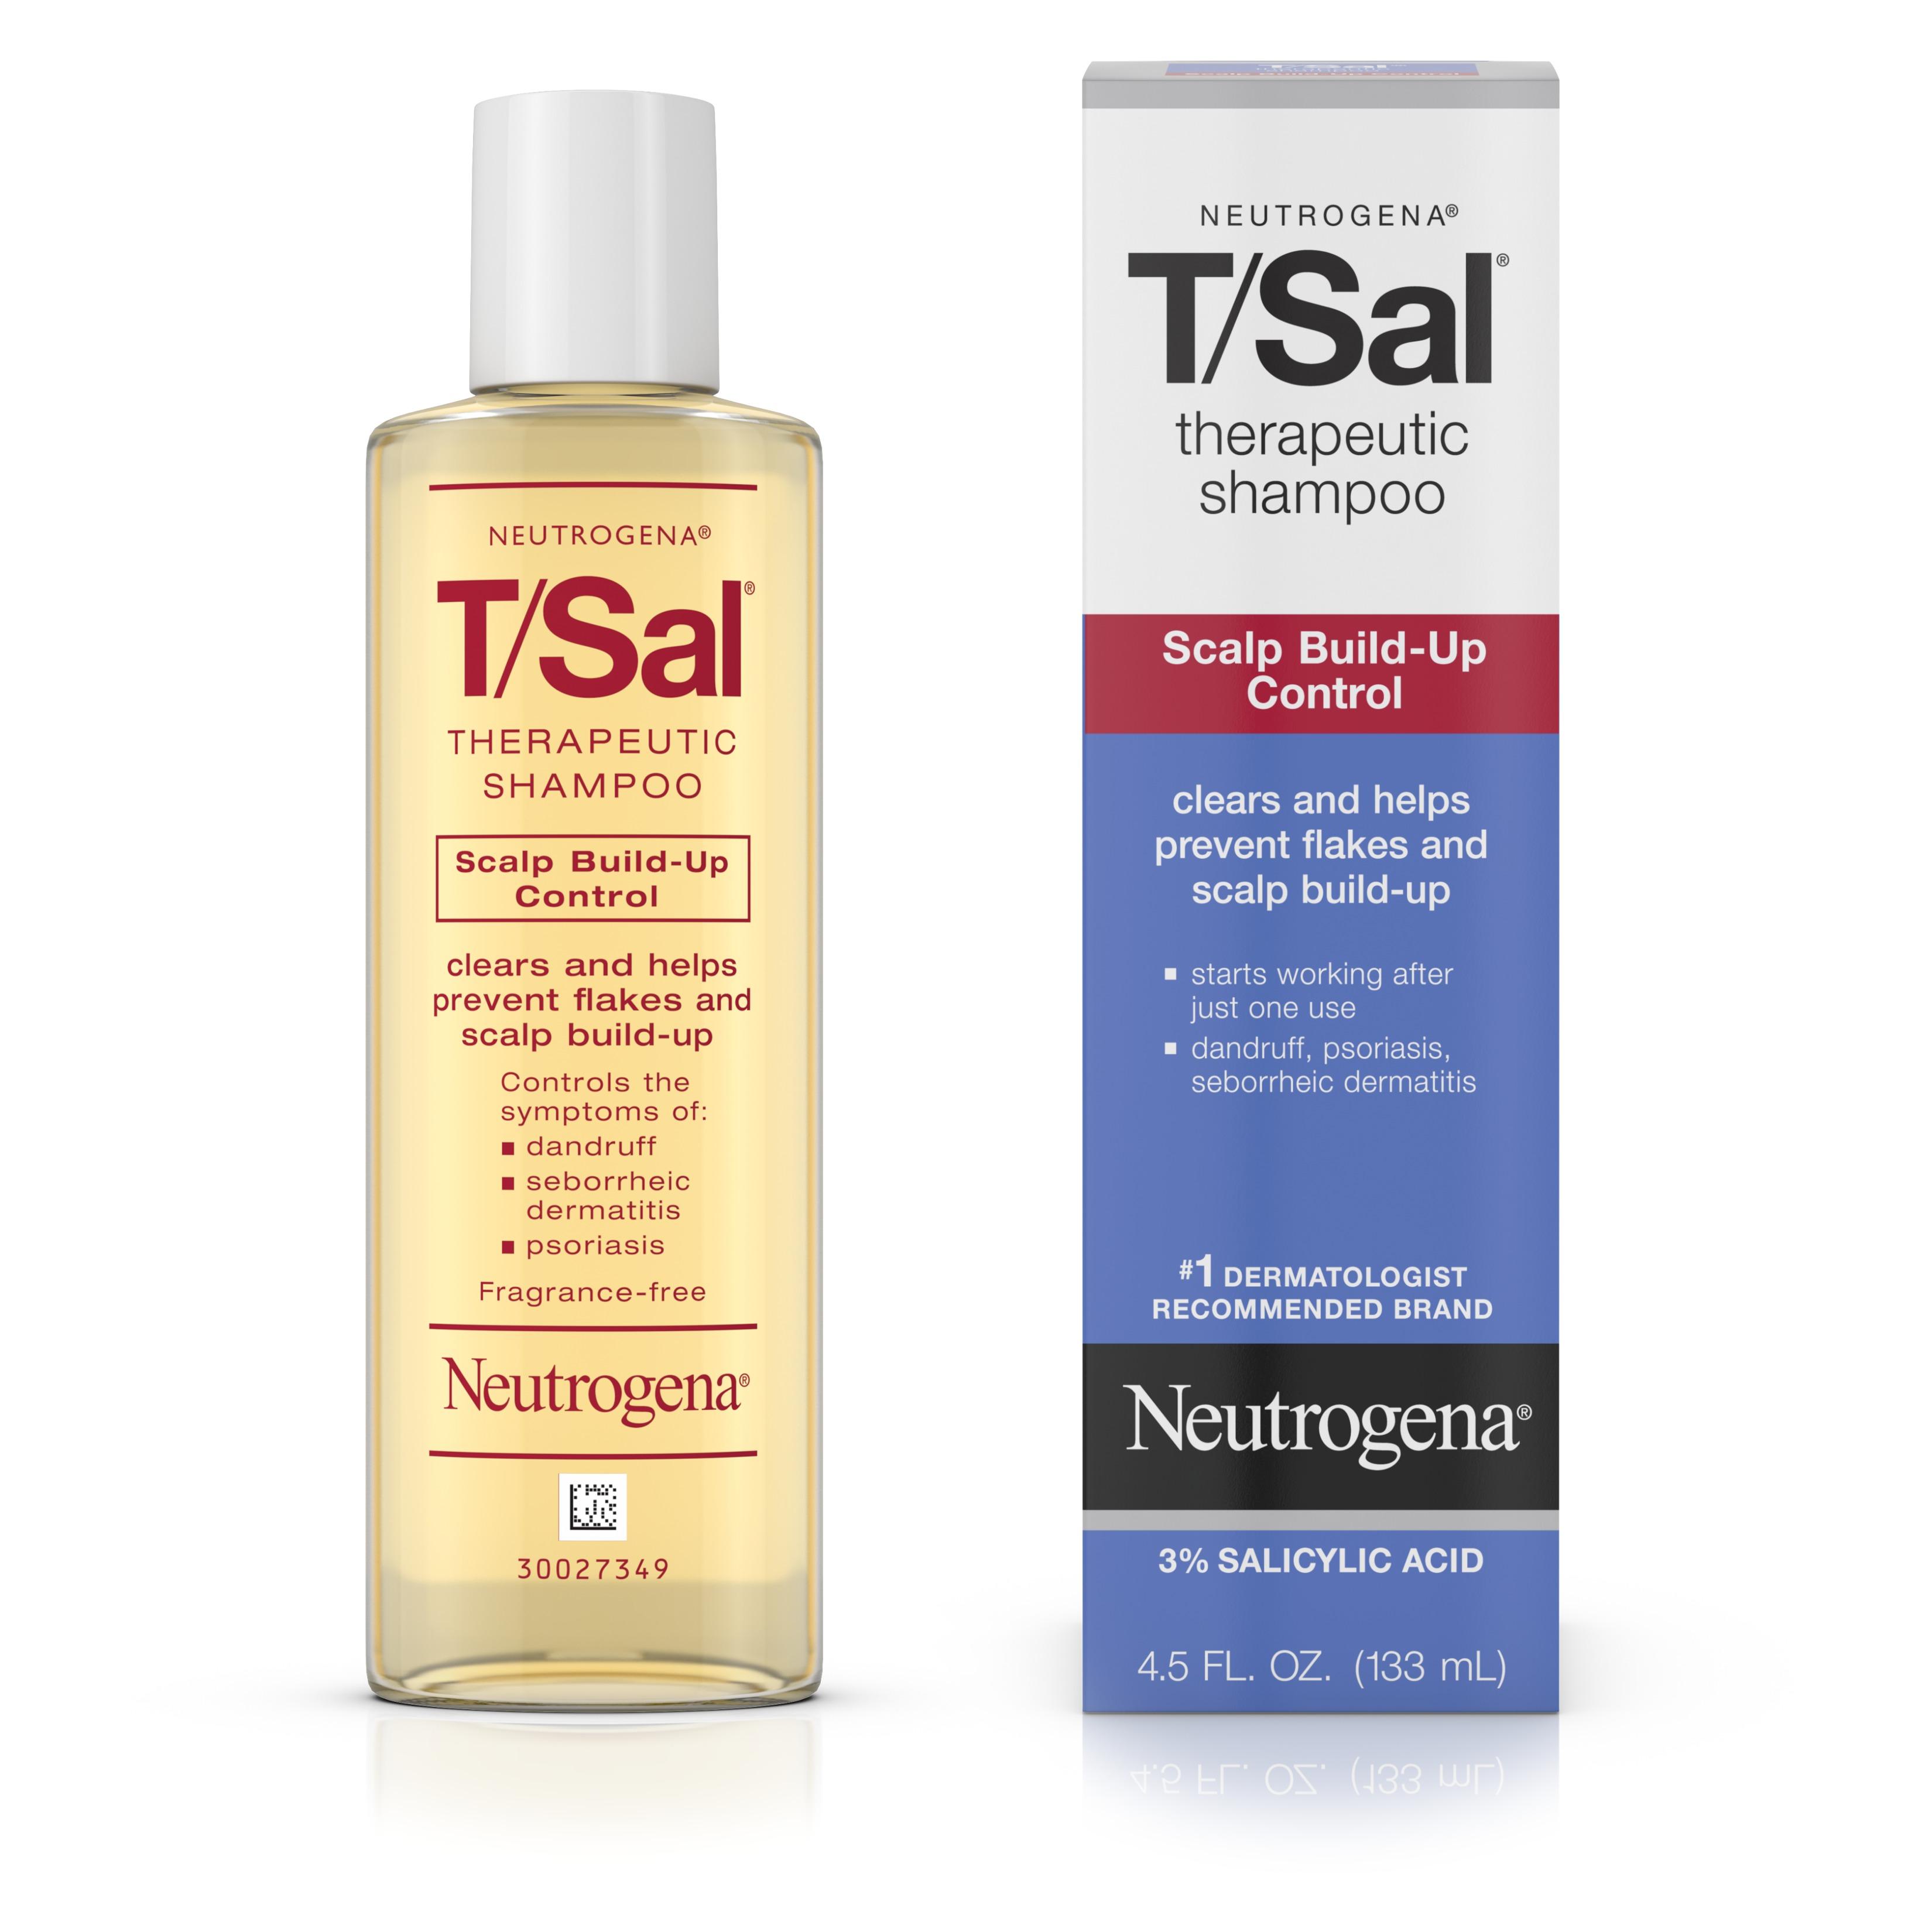 Neutrogena T/Sal Therapeutic Shampoo with Salicylic Acid, 4.5 fl. oz